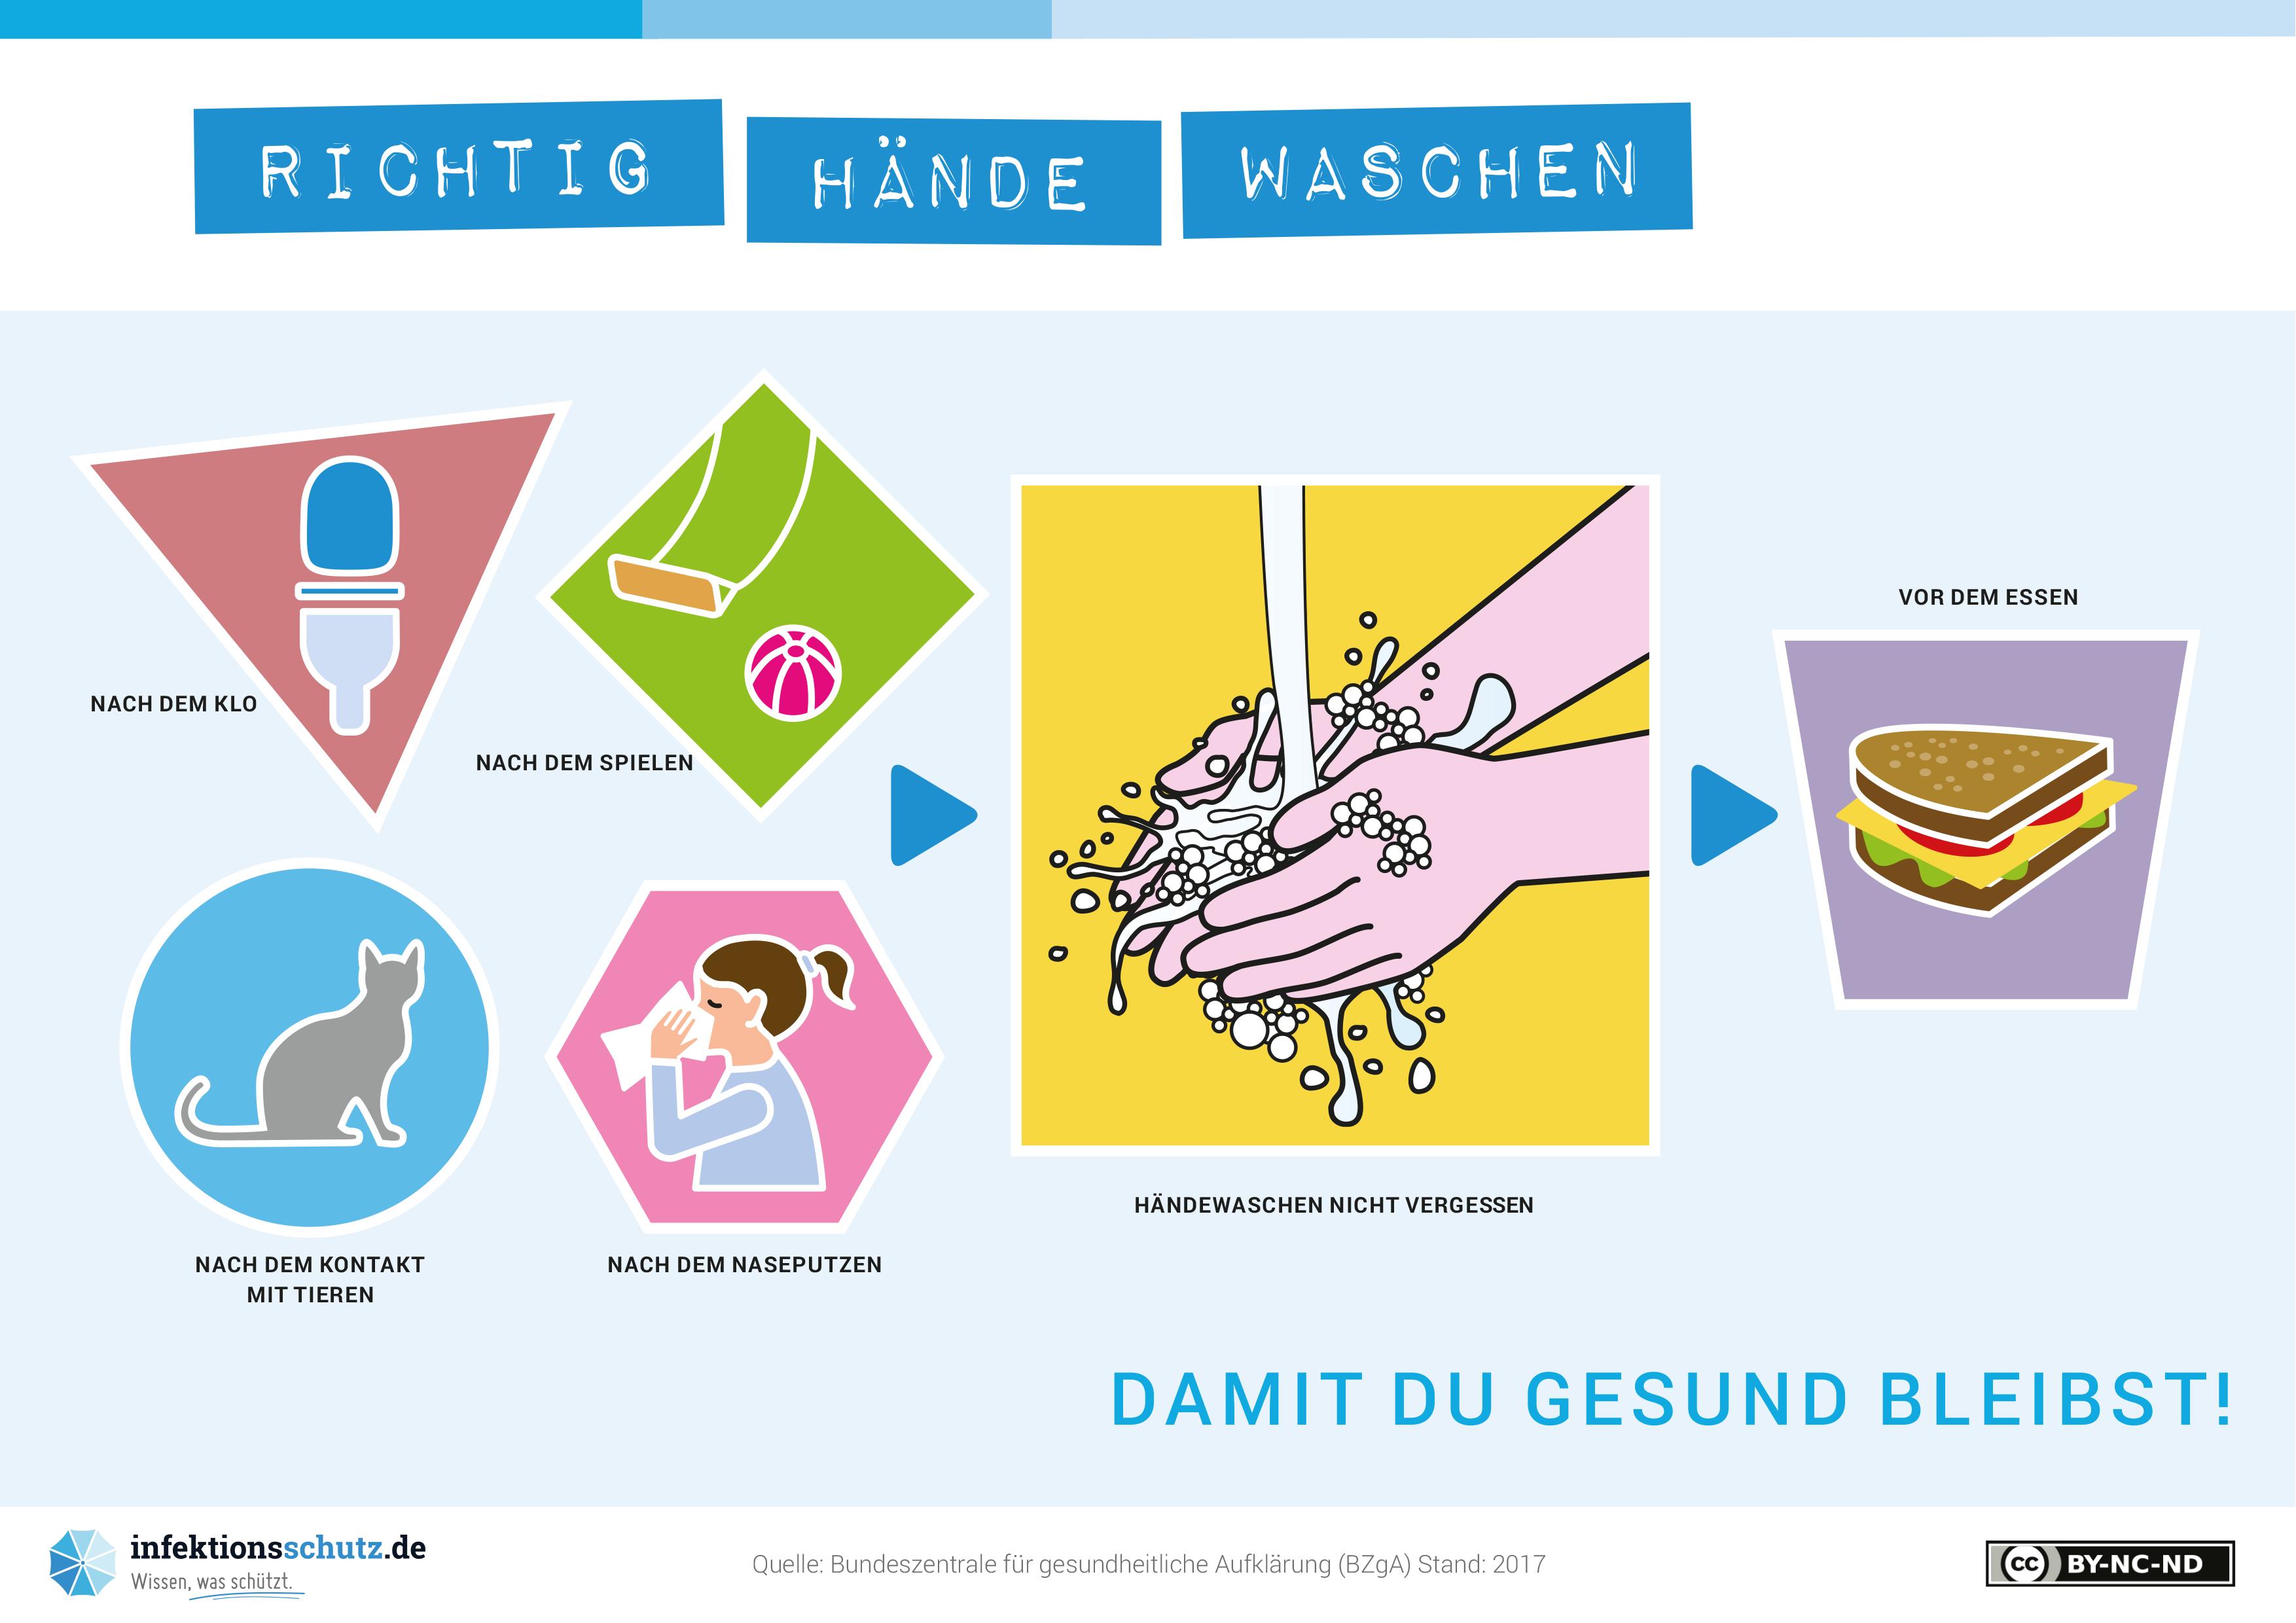 Händewaschen schützt!